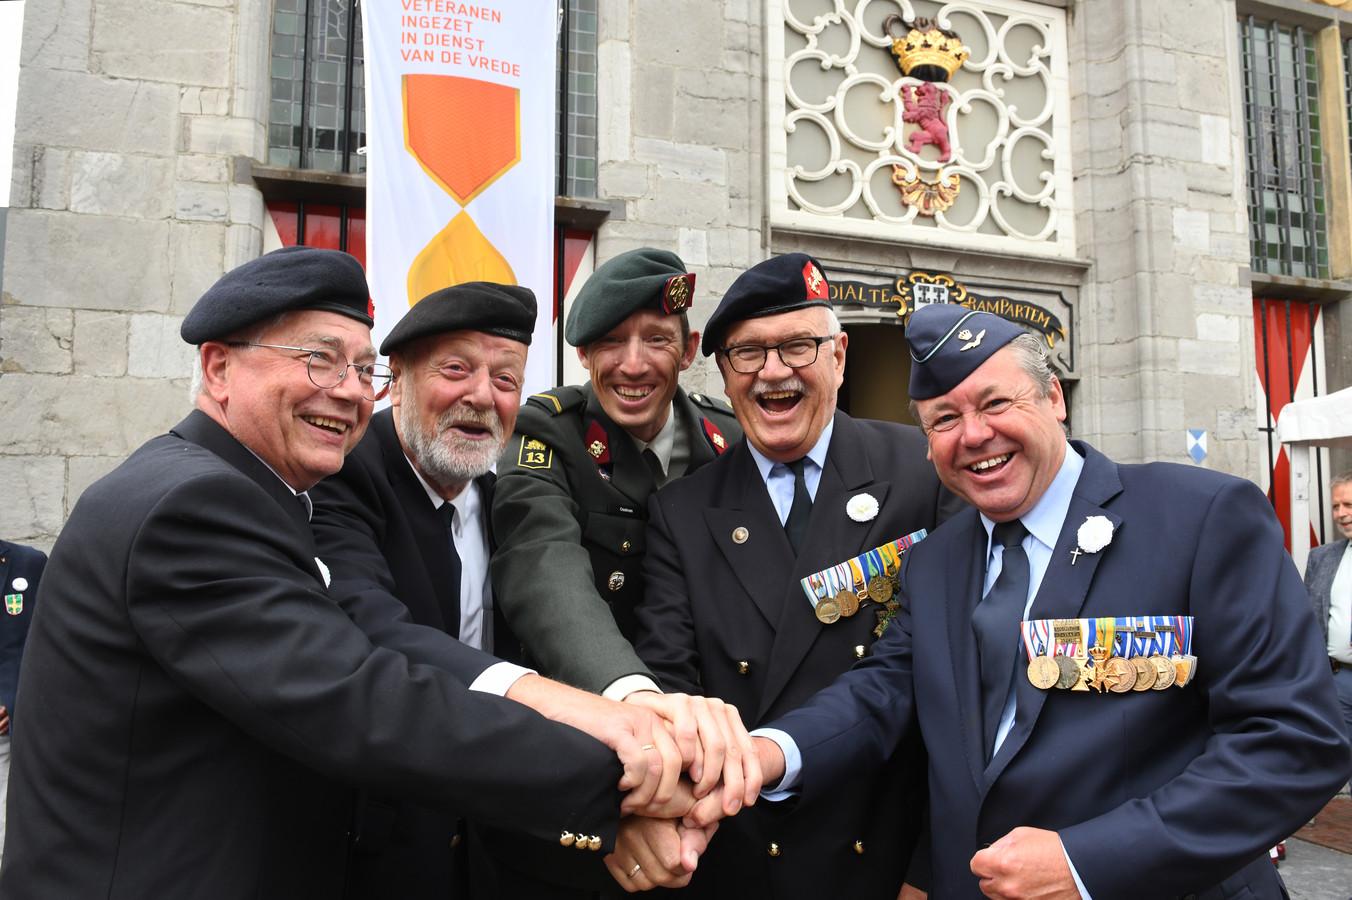 Veteranen ontmoeten elkaar in Vianen. Van links naar rechts Vincent Koenders uit Zijderveld, Heimert Horbeek uit Leerdam, Lars Oostrom uit Vianen, Jan Bruning uit Vianen en Eric van Rosmalen uit Lexmond.